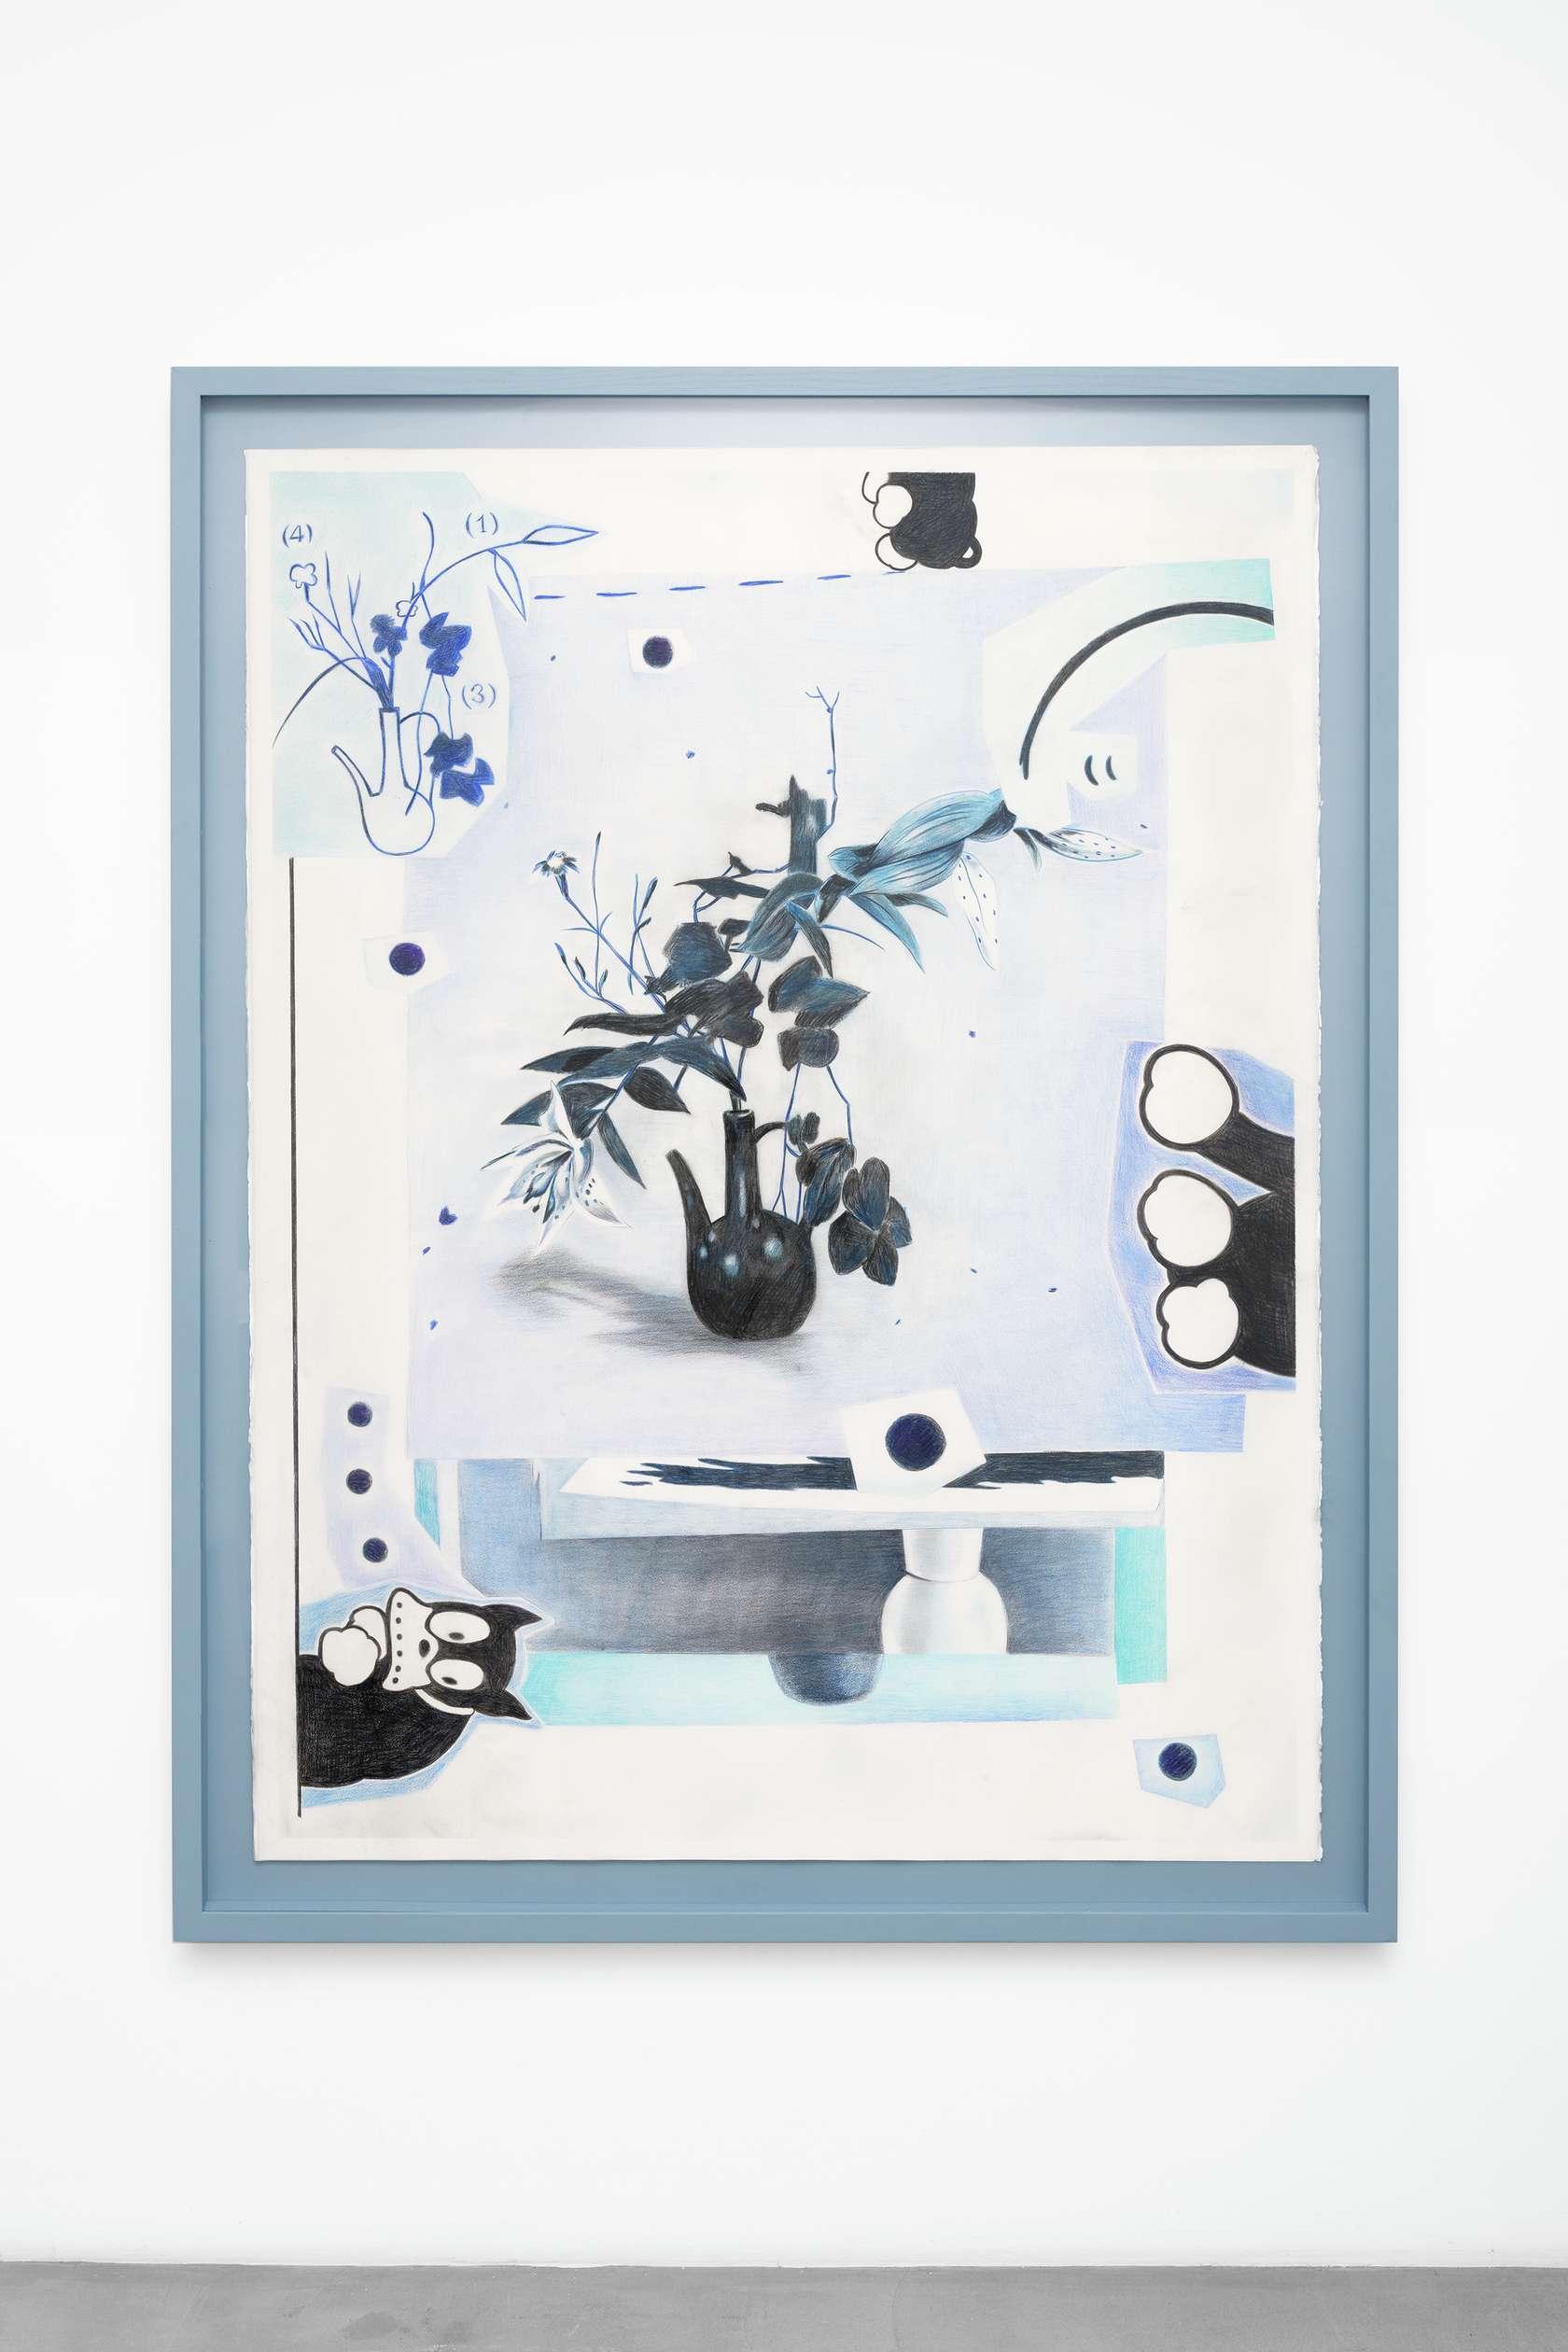 Hippolyte Hentgen, Ikebana, 2018 Crayon de couleur sur papier Arches160 x 120 cm / 63  x 47 2/8 inches | 175 x 136 cm / 68 7/8 x 53 1/2 inches (encadré/framed)